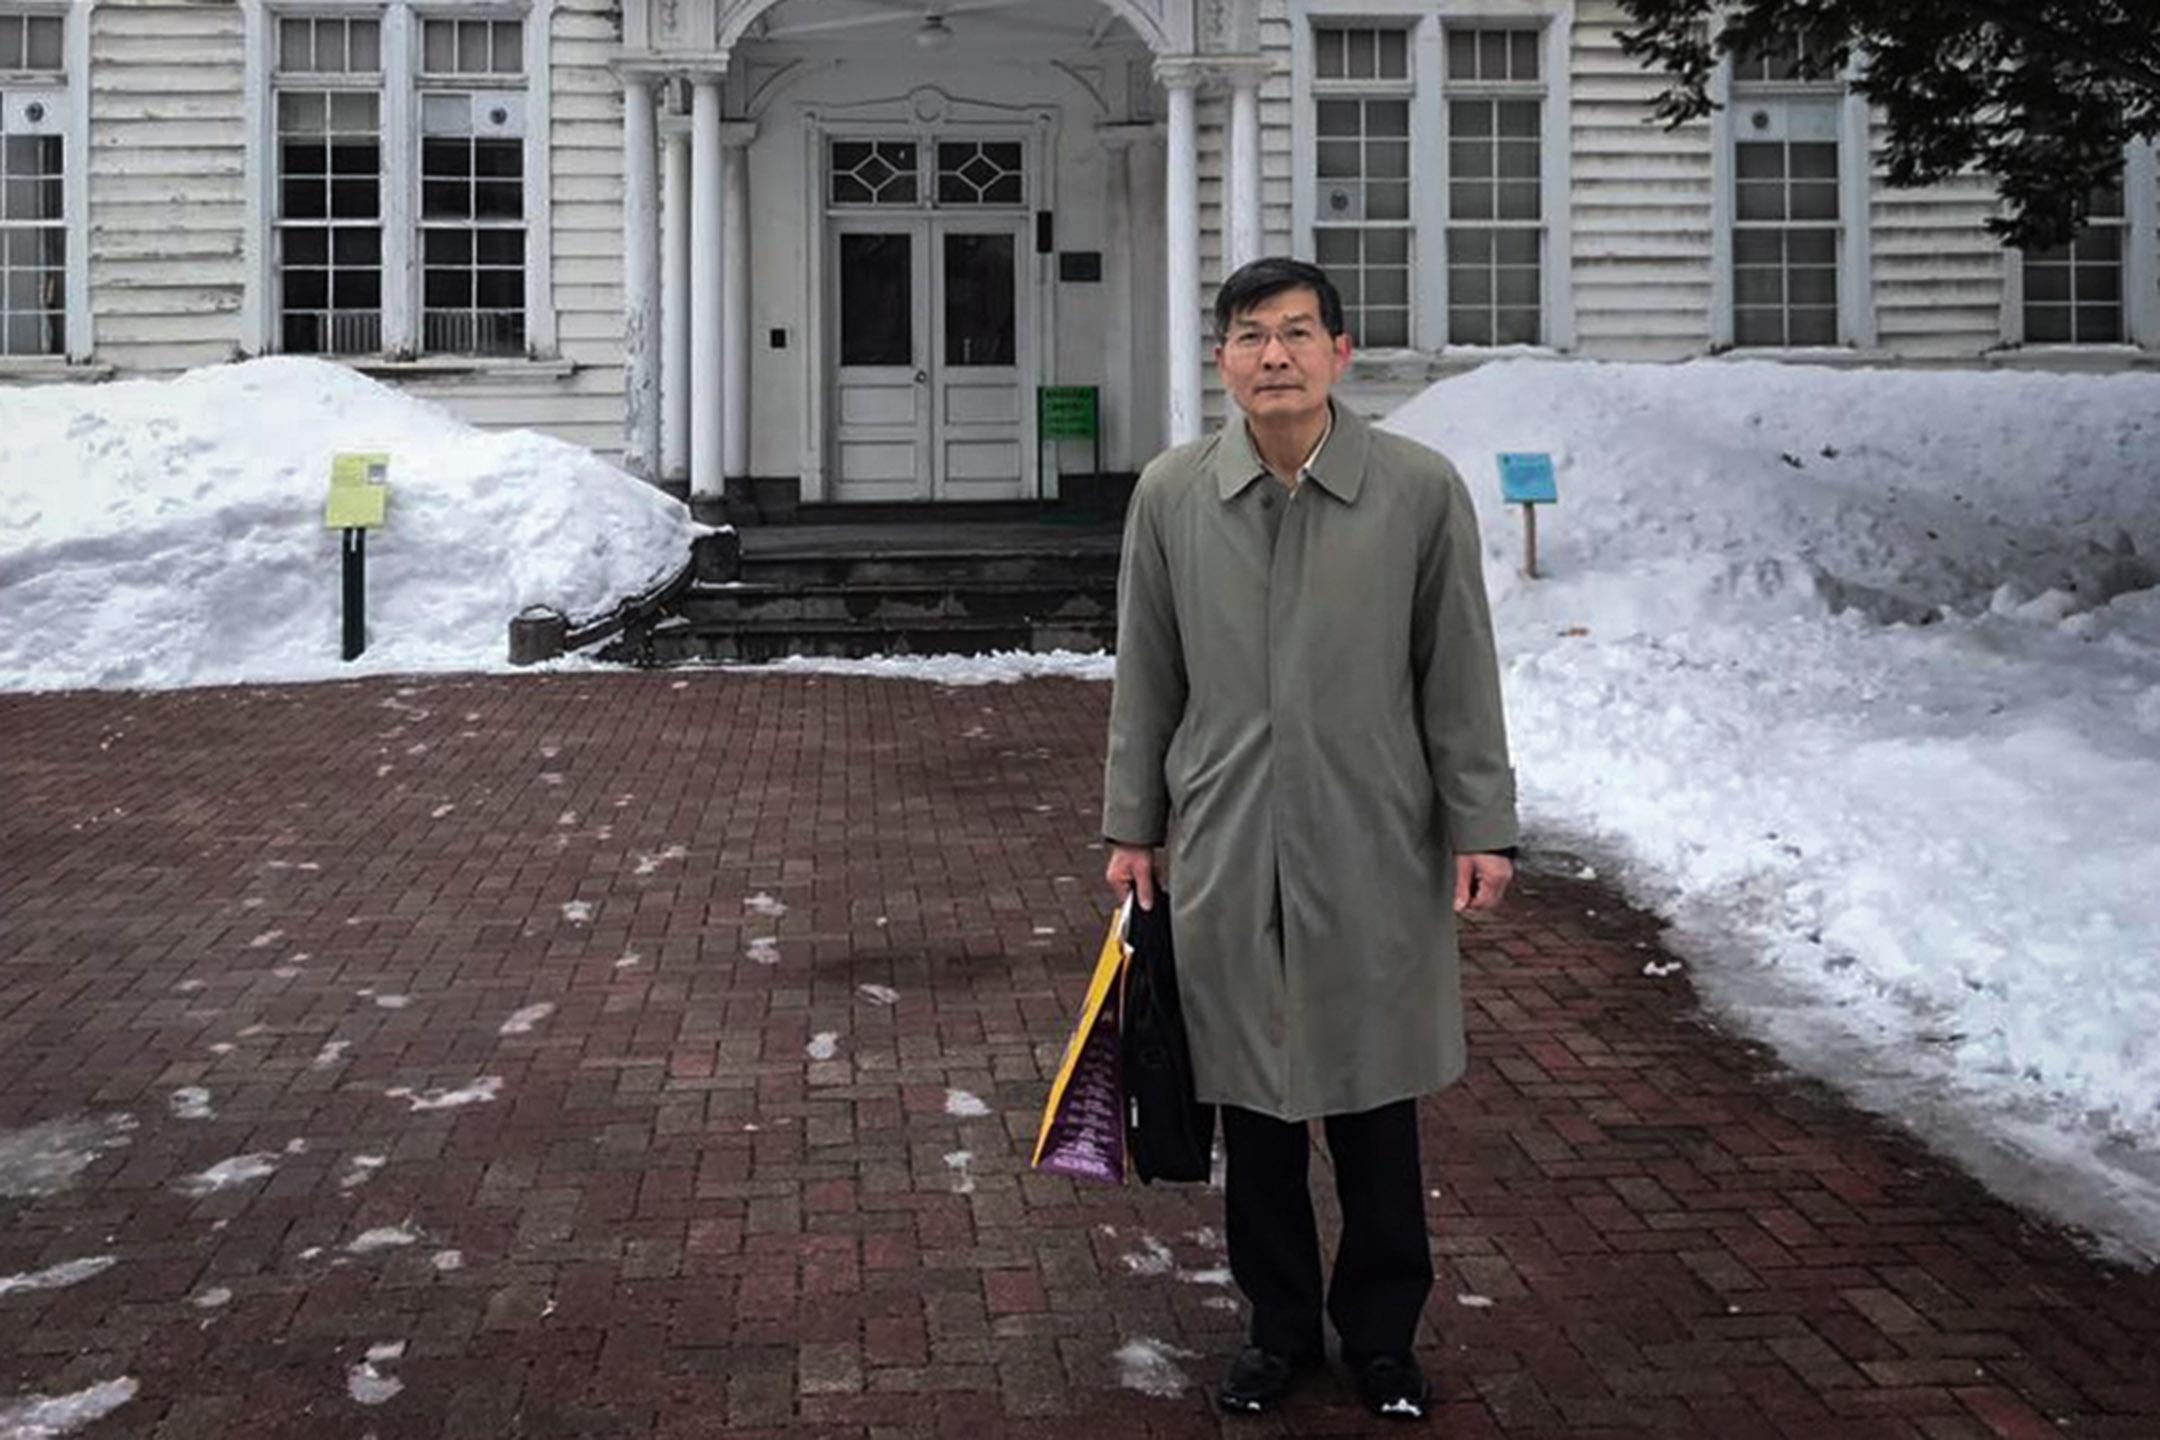 前中華民國駐大阪辦事處處長蘇啟誠於2018年年9月14日,被發現自縊身亡,享壽61歲。圖為2017年2月,蘇啟誠在日本北海道拍照留念。 圖片來源: 蘇啟誠Facebook